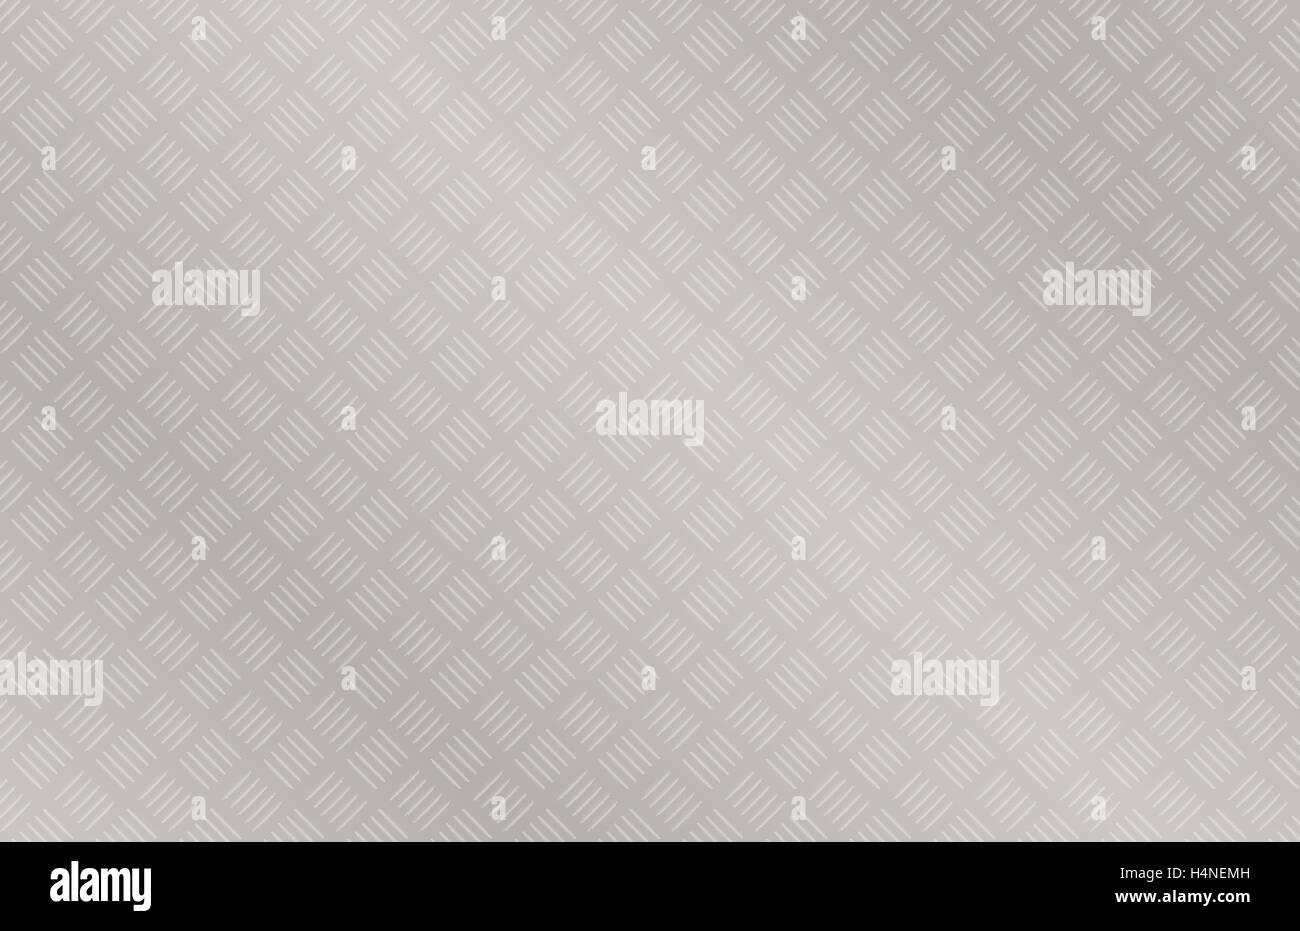 Diamond Plate Stock Photos Amp Diamond Plate Stock Images